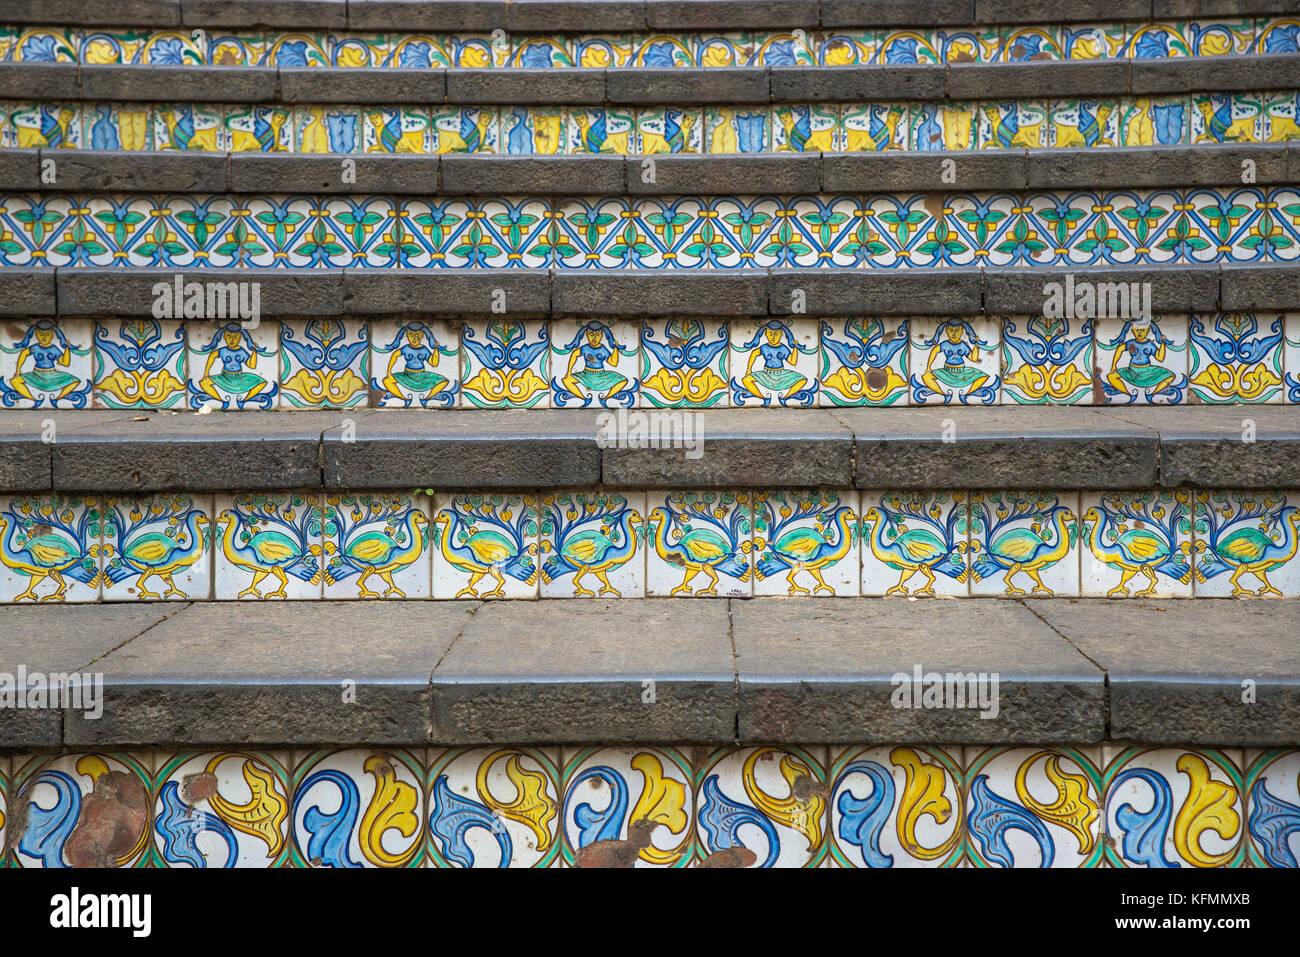 Piastrelle siciliane immagini & piastrelle siciliane fotos stock alamy